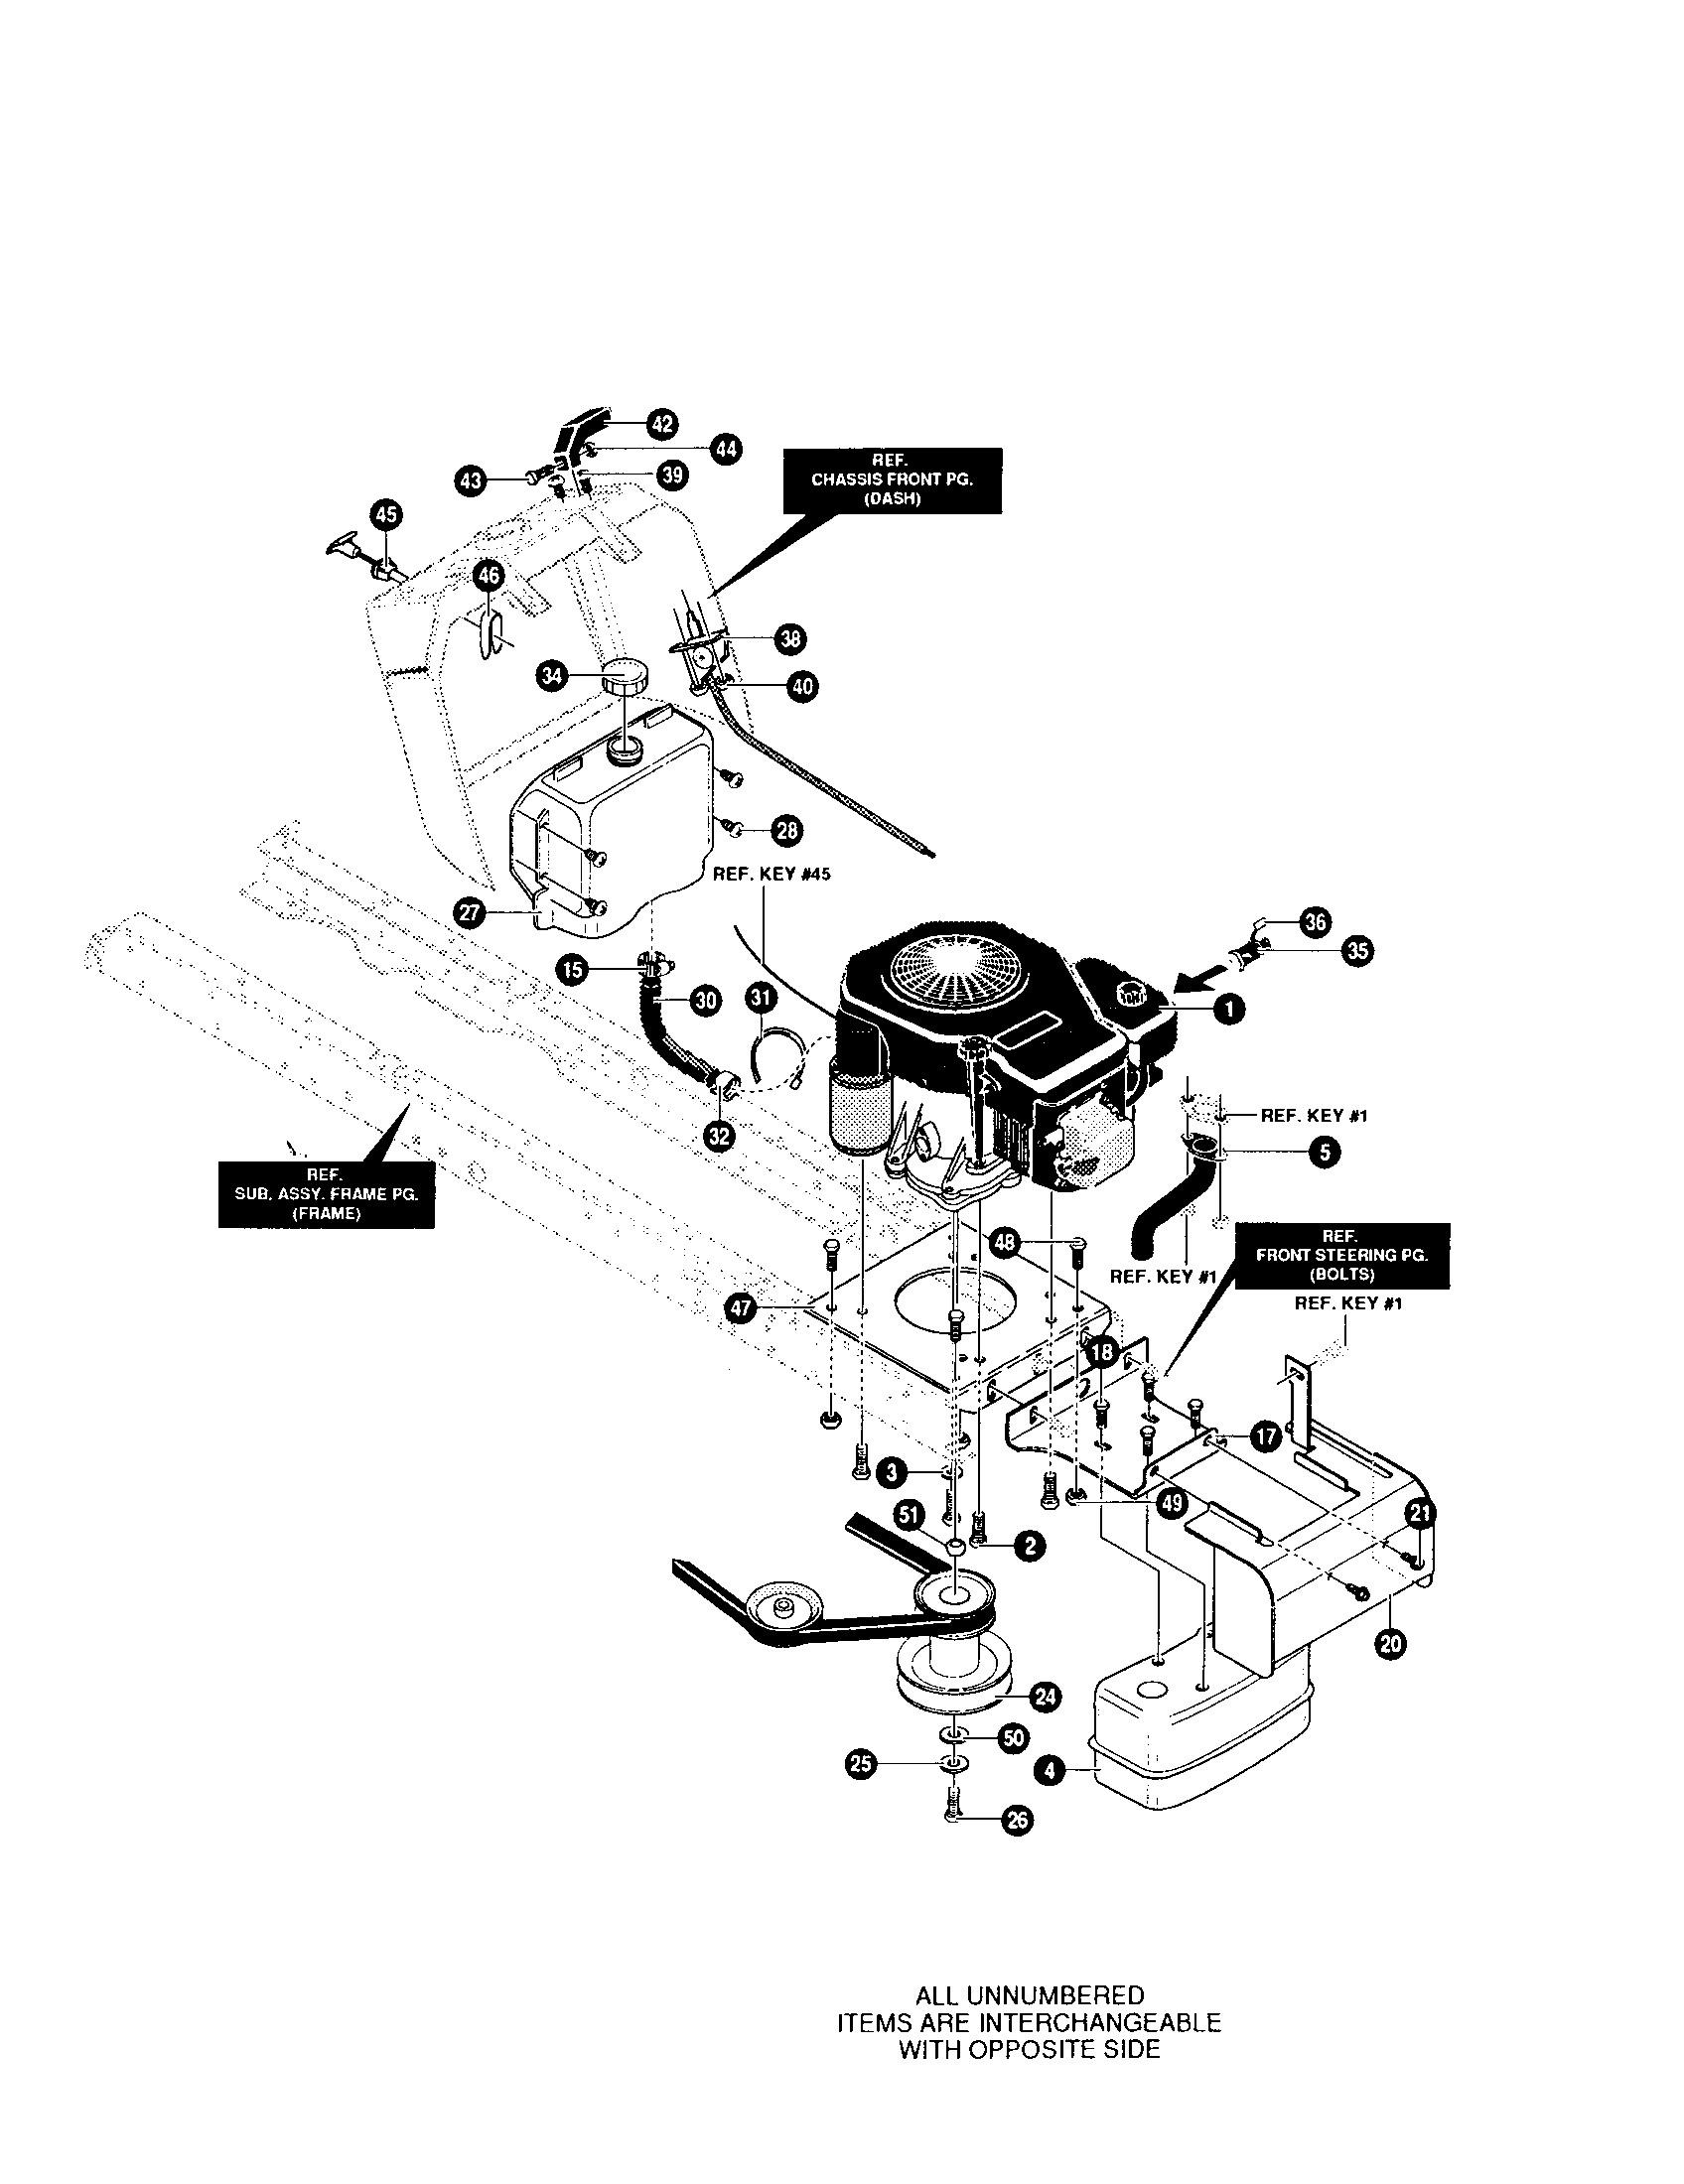 20 hp kohler engine diagram diy enthusiasts wiring diagrams u2022 rh broadwaycomputers us